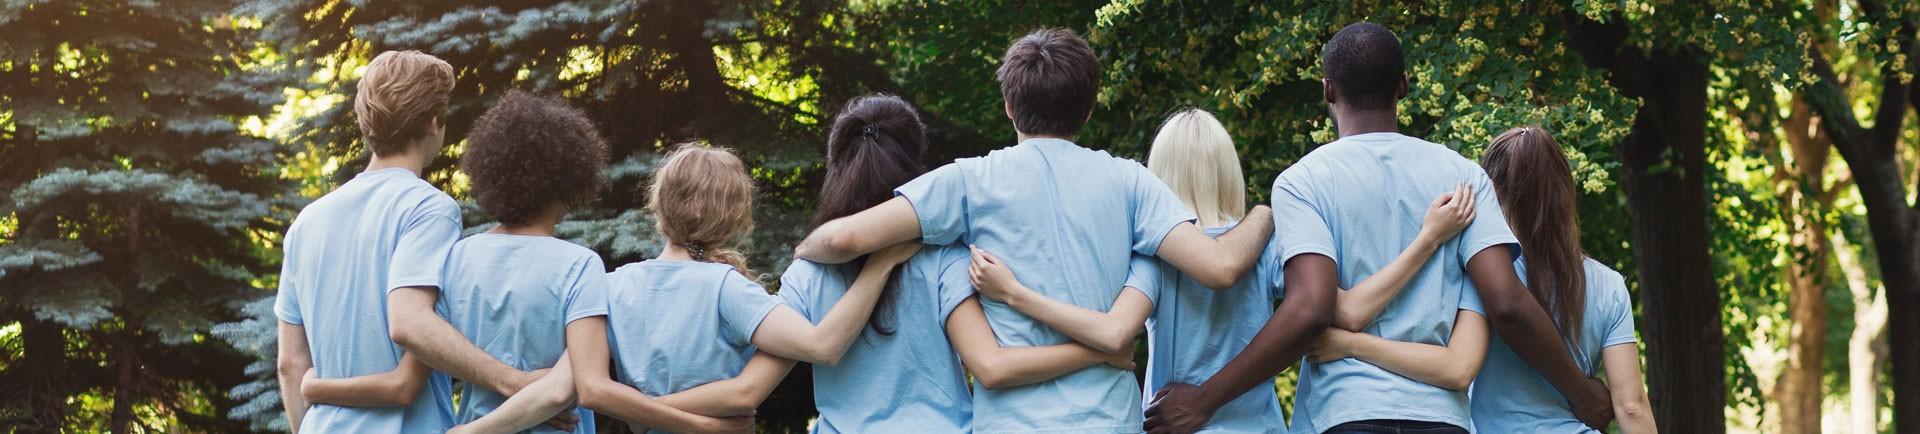 Jovens de costas abraçados